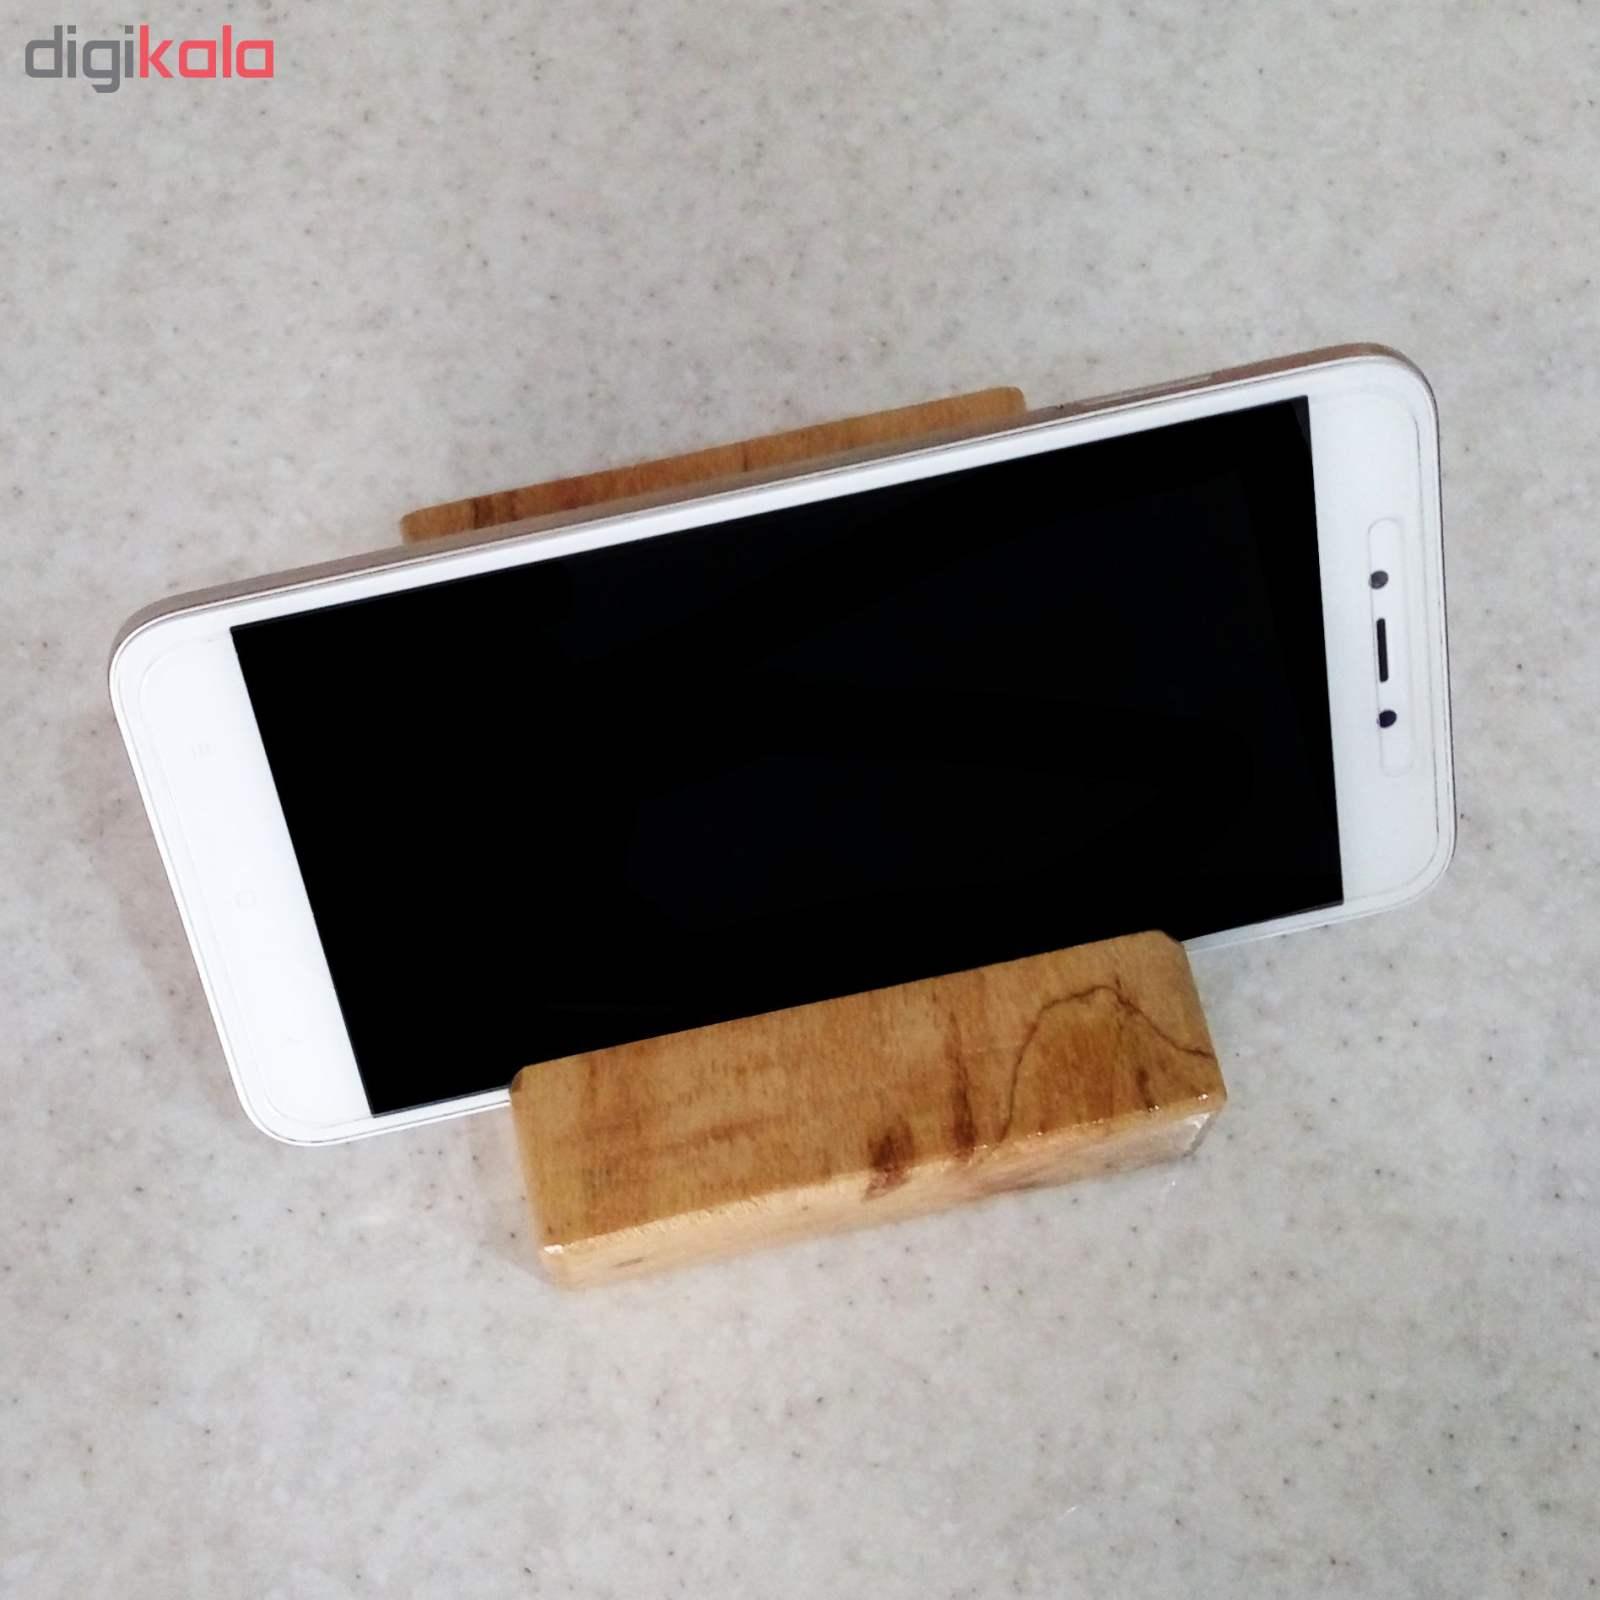 پایه نگهدارنده گوشی موبایل استند تبلت چوبی چوبیس کد 1-351 main 1 3